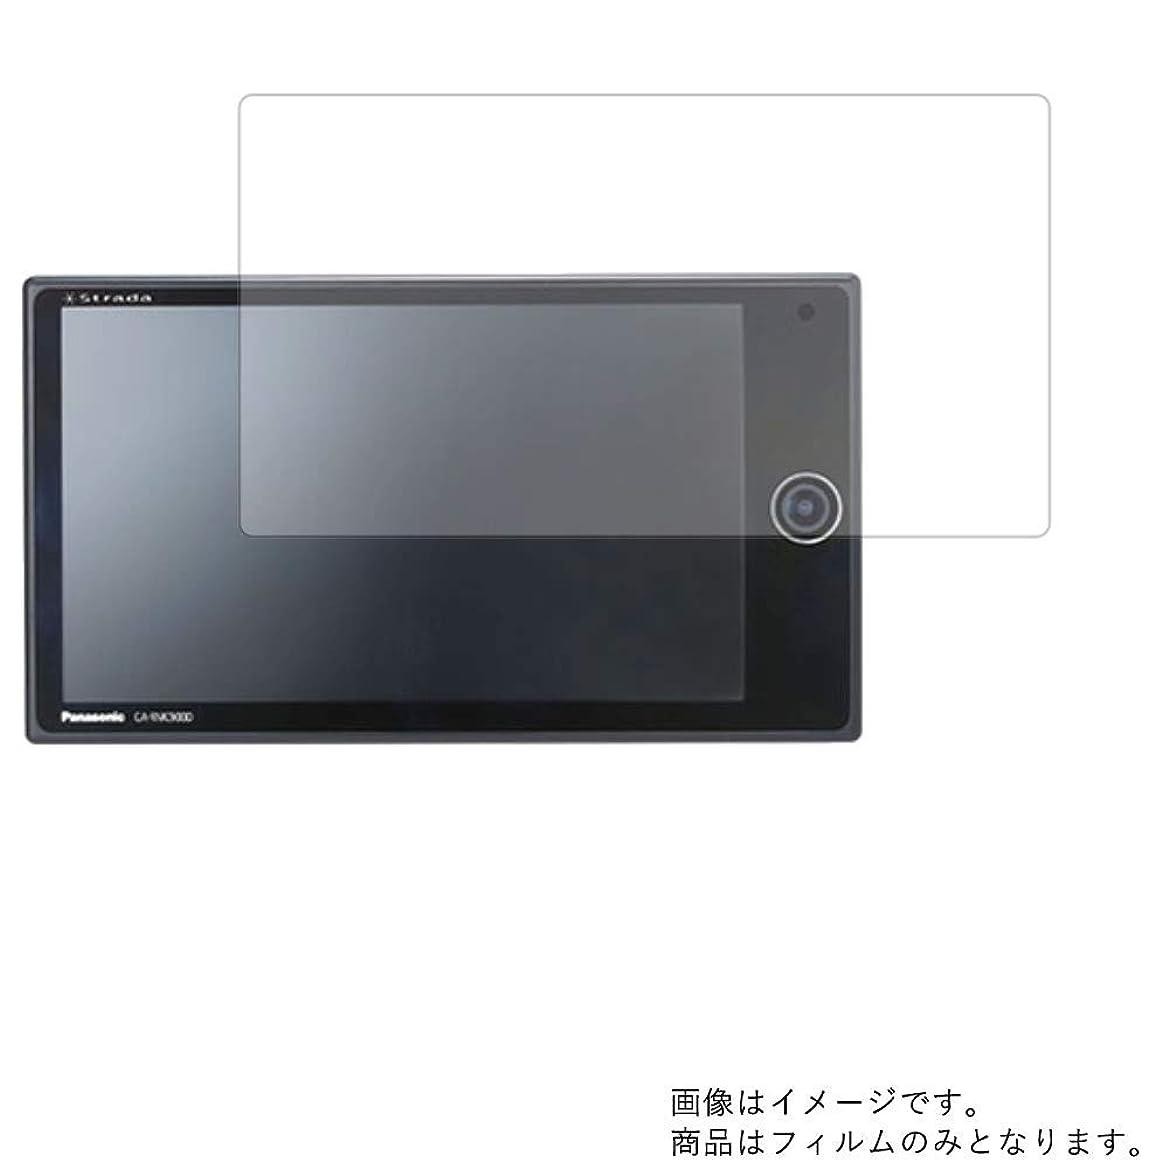 教室機関車傑作Panasonic CA-RMC900D 用 液晶保護フィルム 反射防止(マット)タイプ